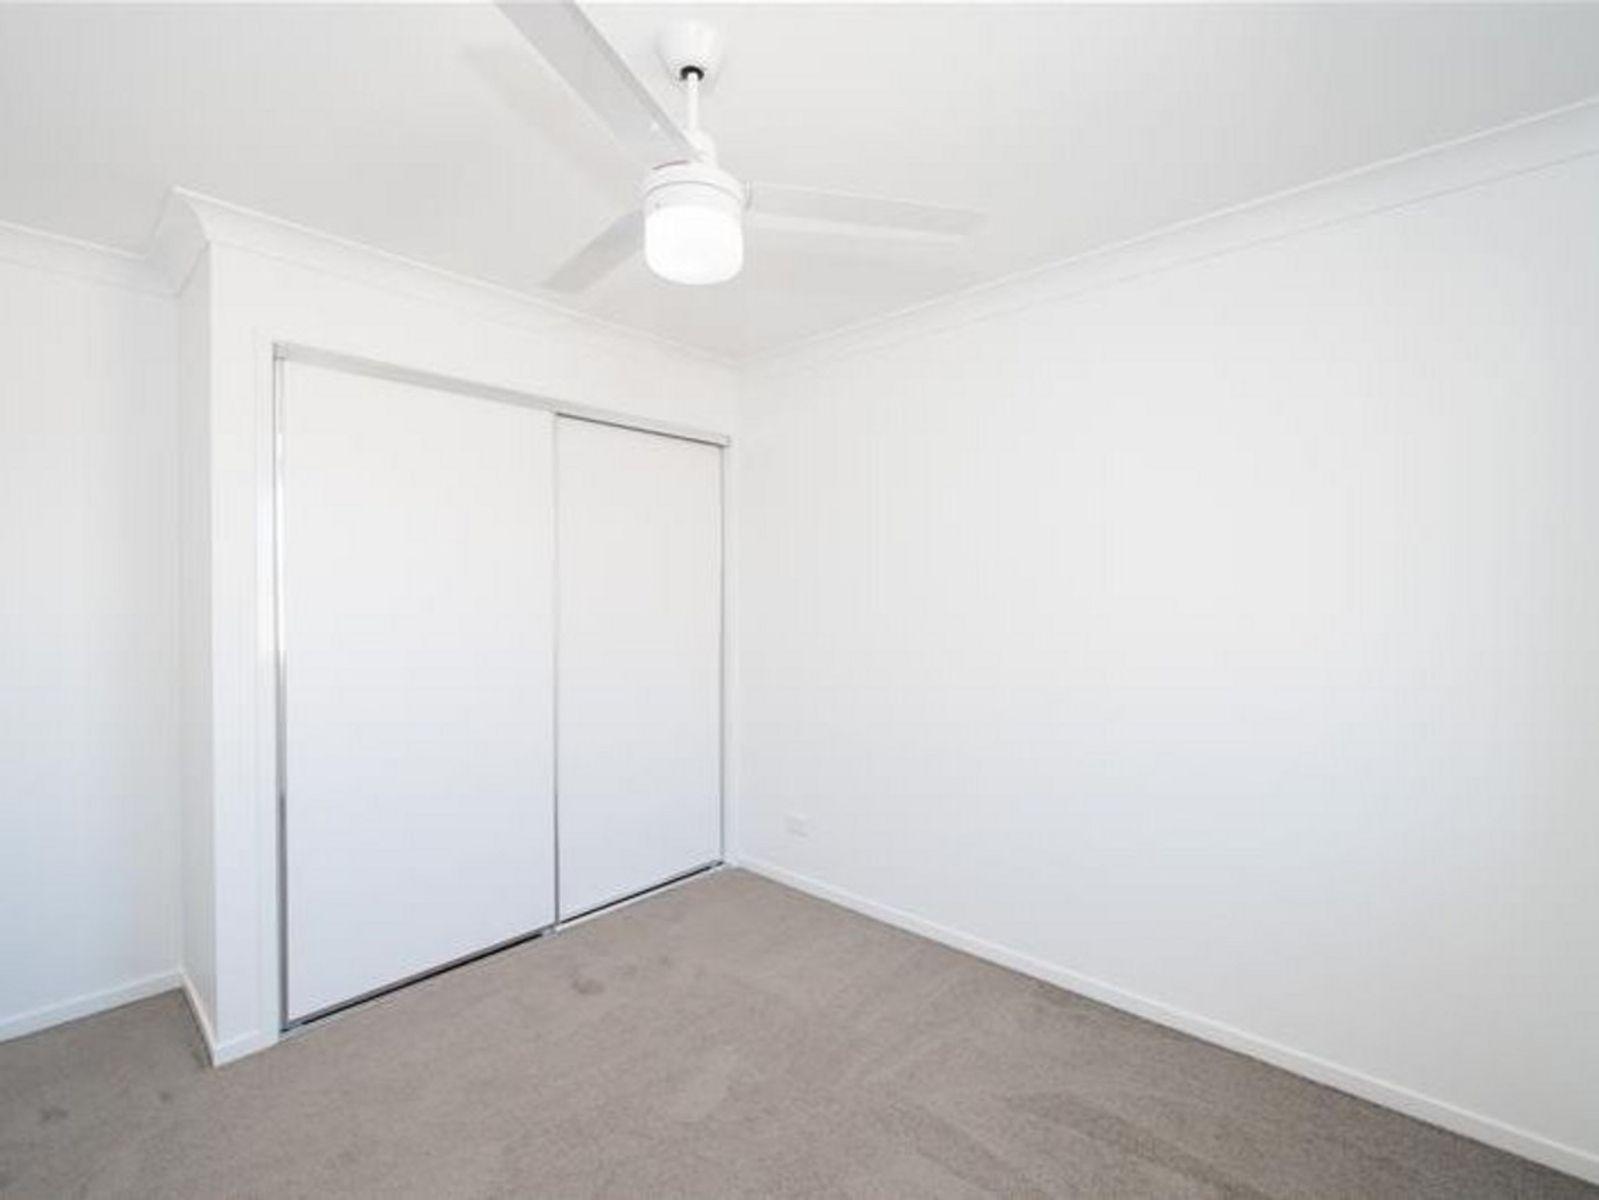 63 Shelby Street, Glenvale, QLD 4350